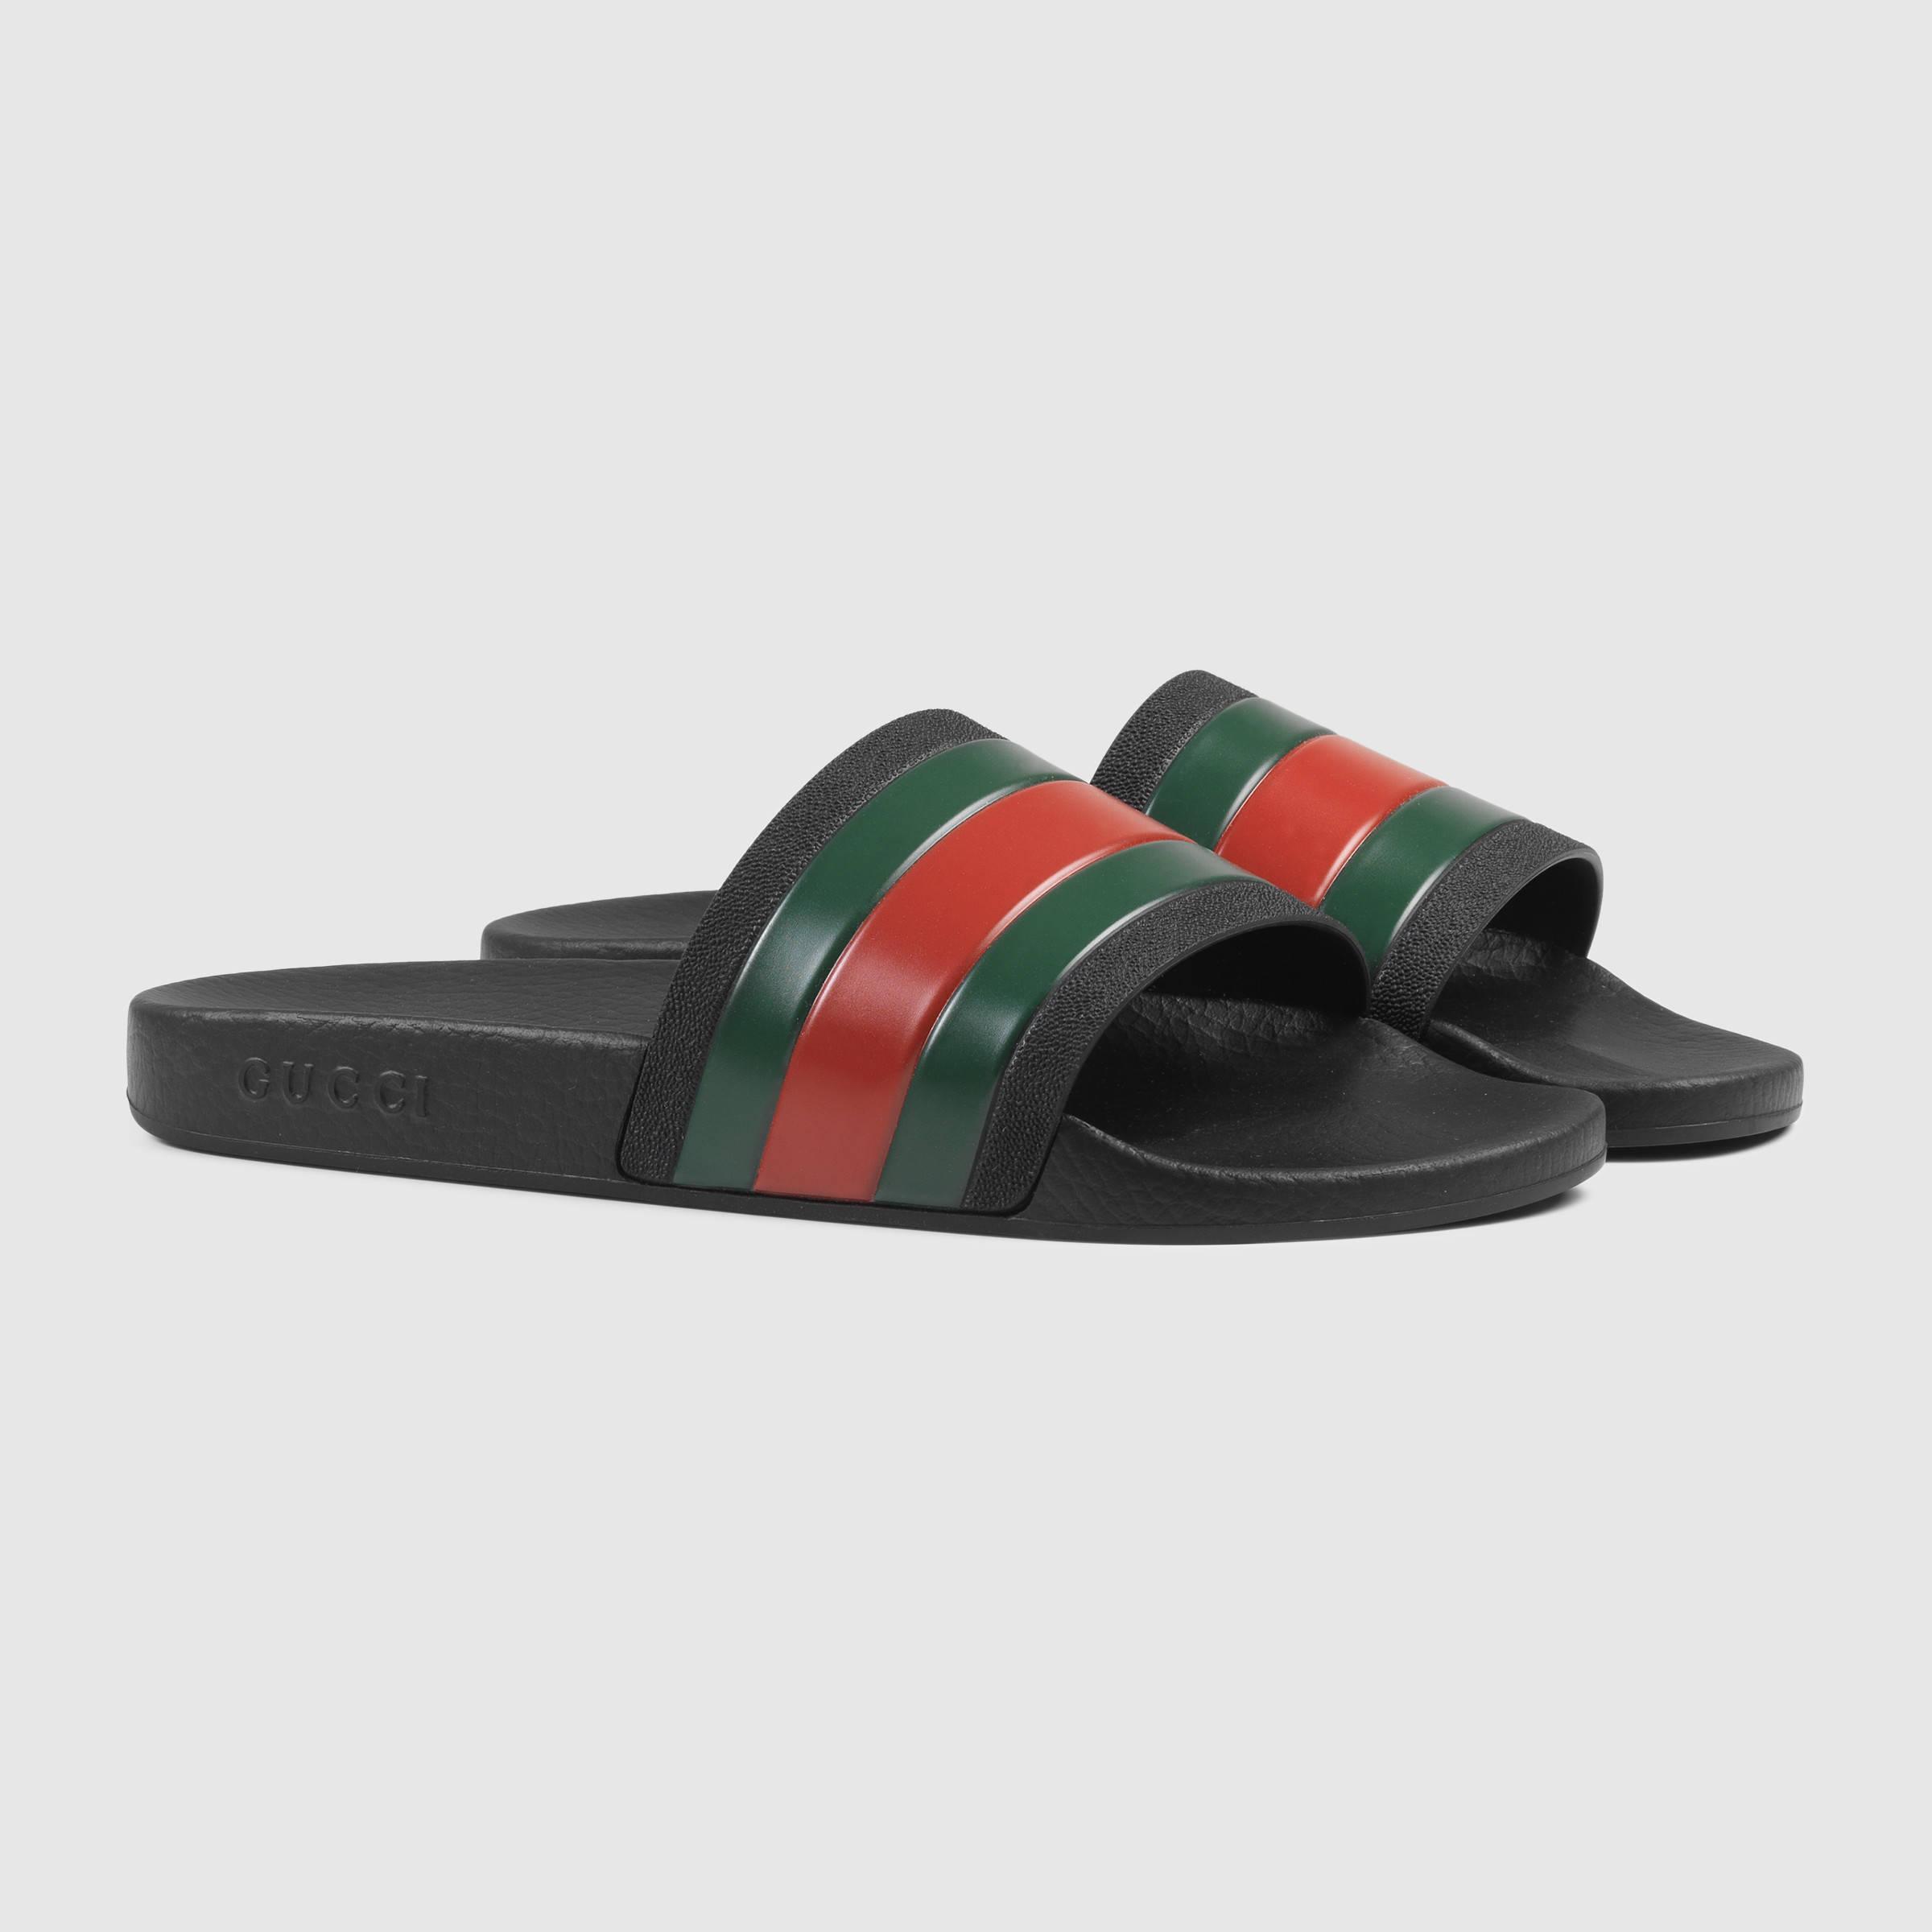 308234_GIB10_1098_002_100_0000_Light-Rubber-slide-sandal.jpg